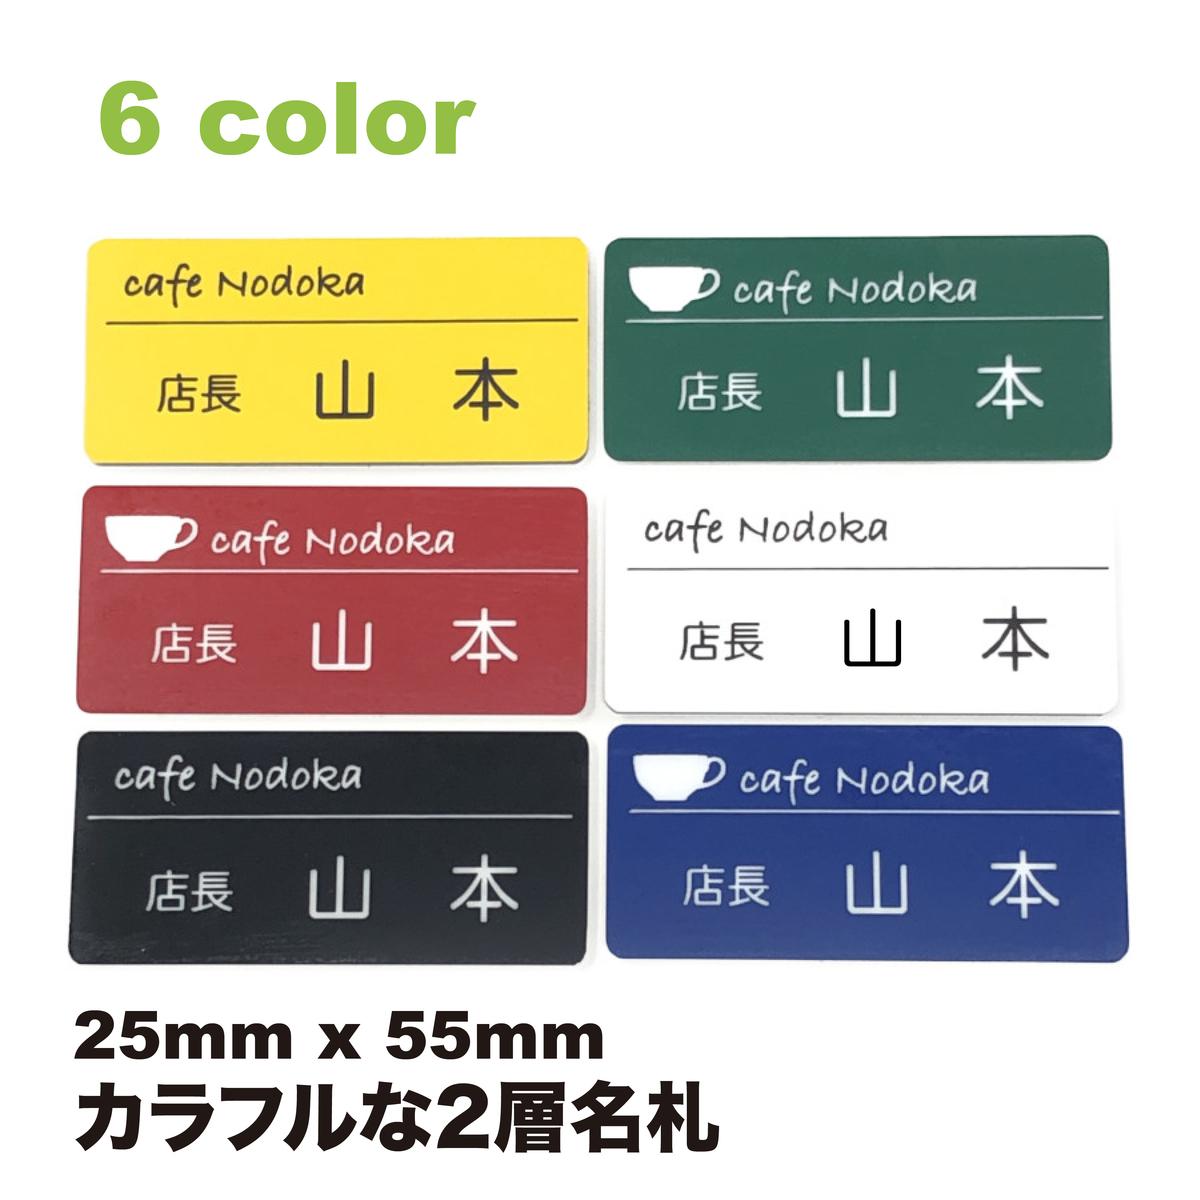 購入 全6色のバリエーションで役職ごとの色分け 学年ごとの色分けなど 使い方のアイデアが広がるカラフルな名札です 送料無料 追跡可能メール便 激安 でお送り致します 全6色 ネームプレート 名札 クリップ 2層板 サインプレート バッジ 55mm×25mm×2mm ネームタグ アクリル名札 1点より作成します カラフル名札